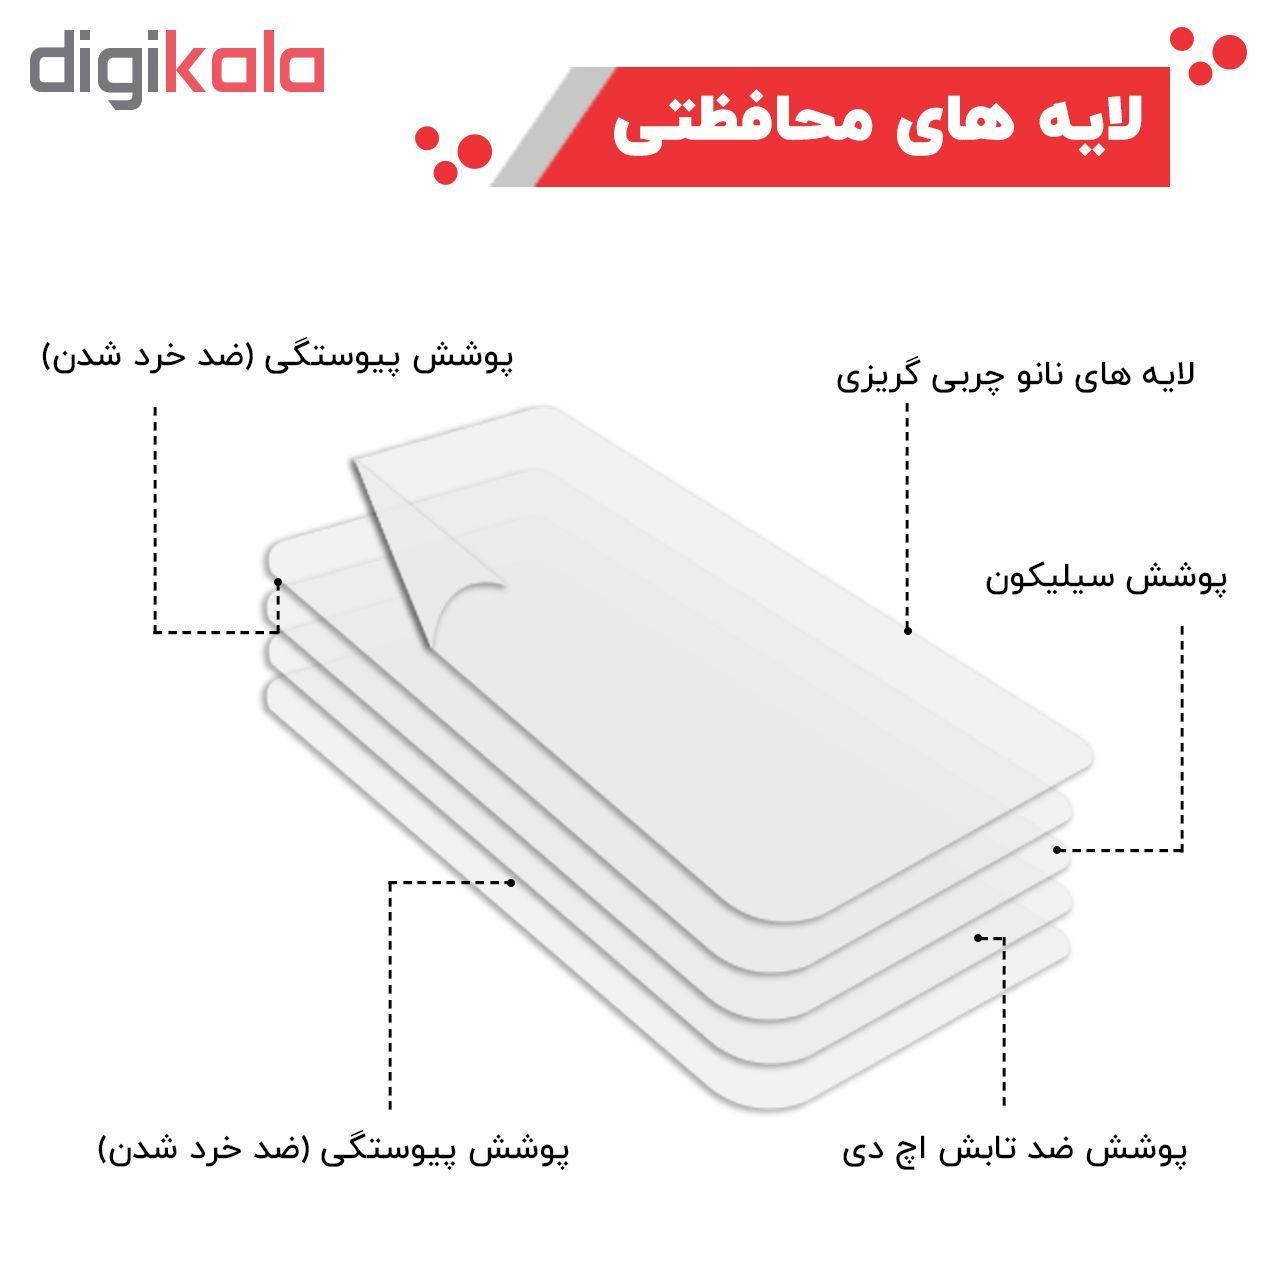 محافظ صفحه نمایش گلادیاتور مدل GPH1000 مناسب برای گوشی موبایل هوآوی Nova 3e main 1 5